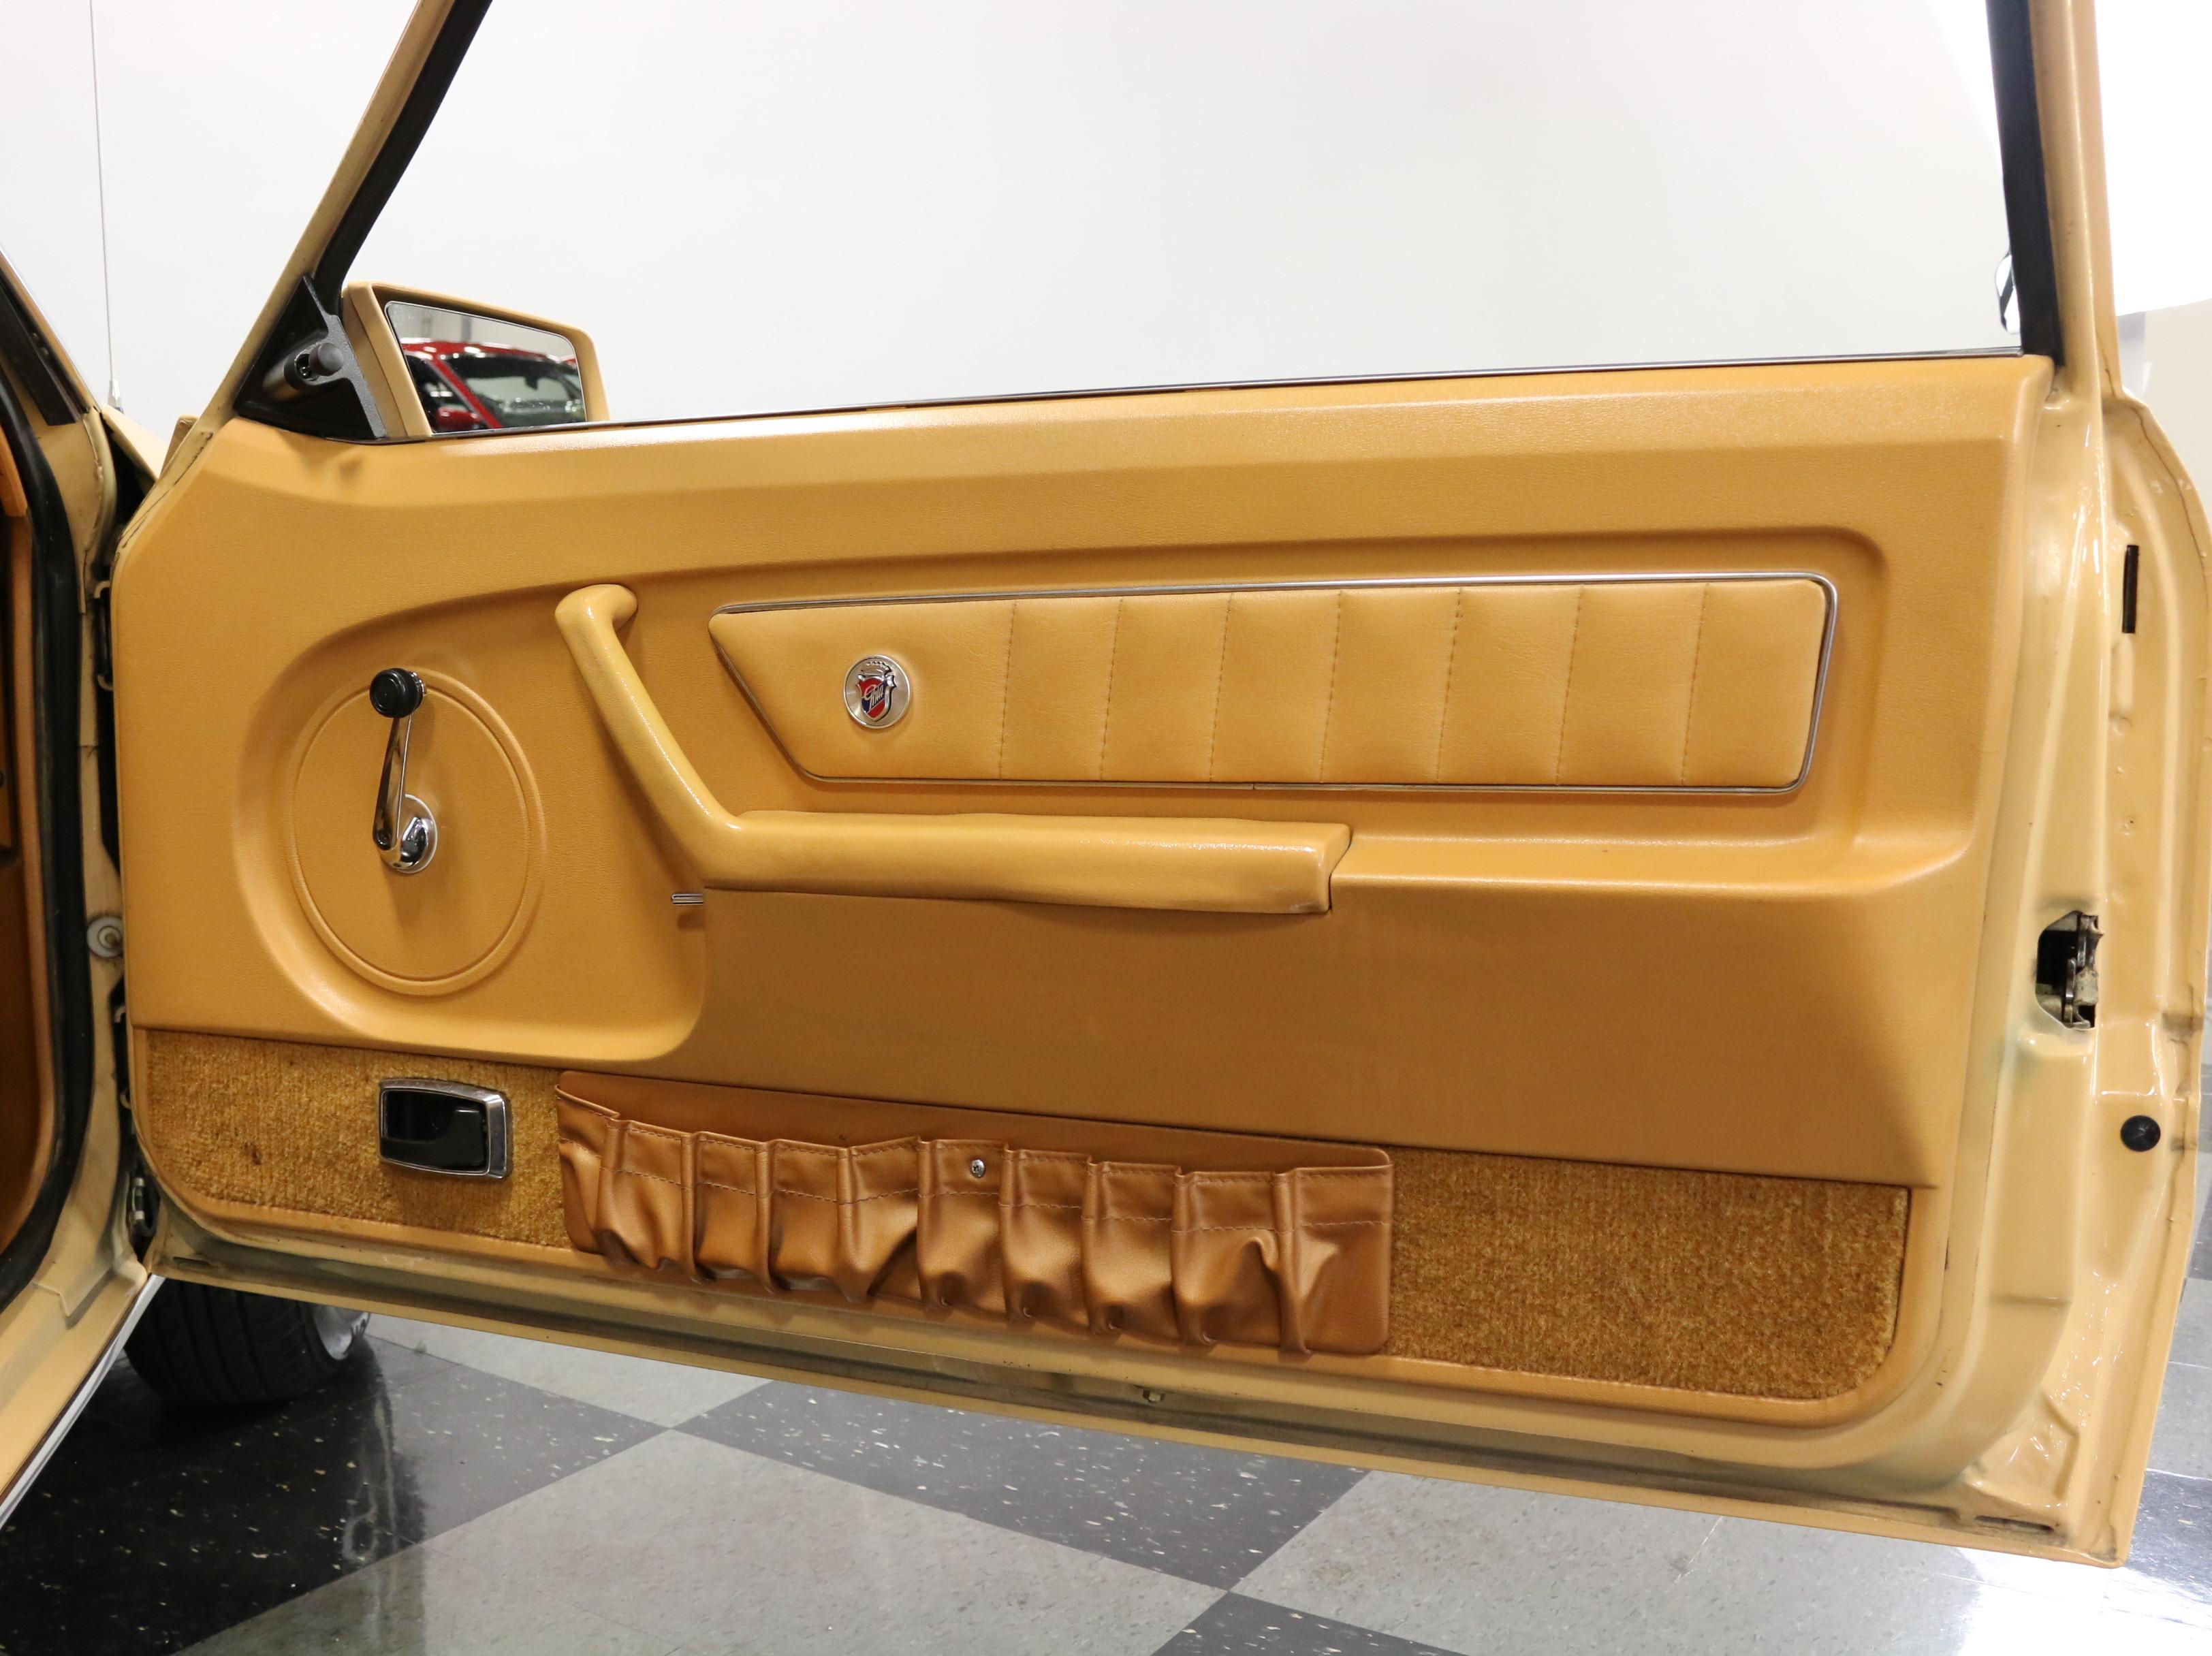 2546-DFW | 1979 Ford Mustang Turbo Ghia | Streetside Classics